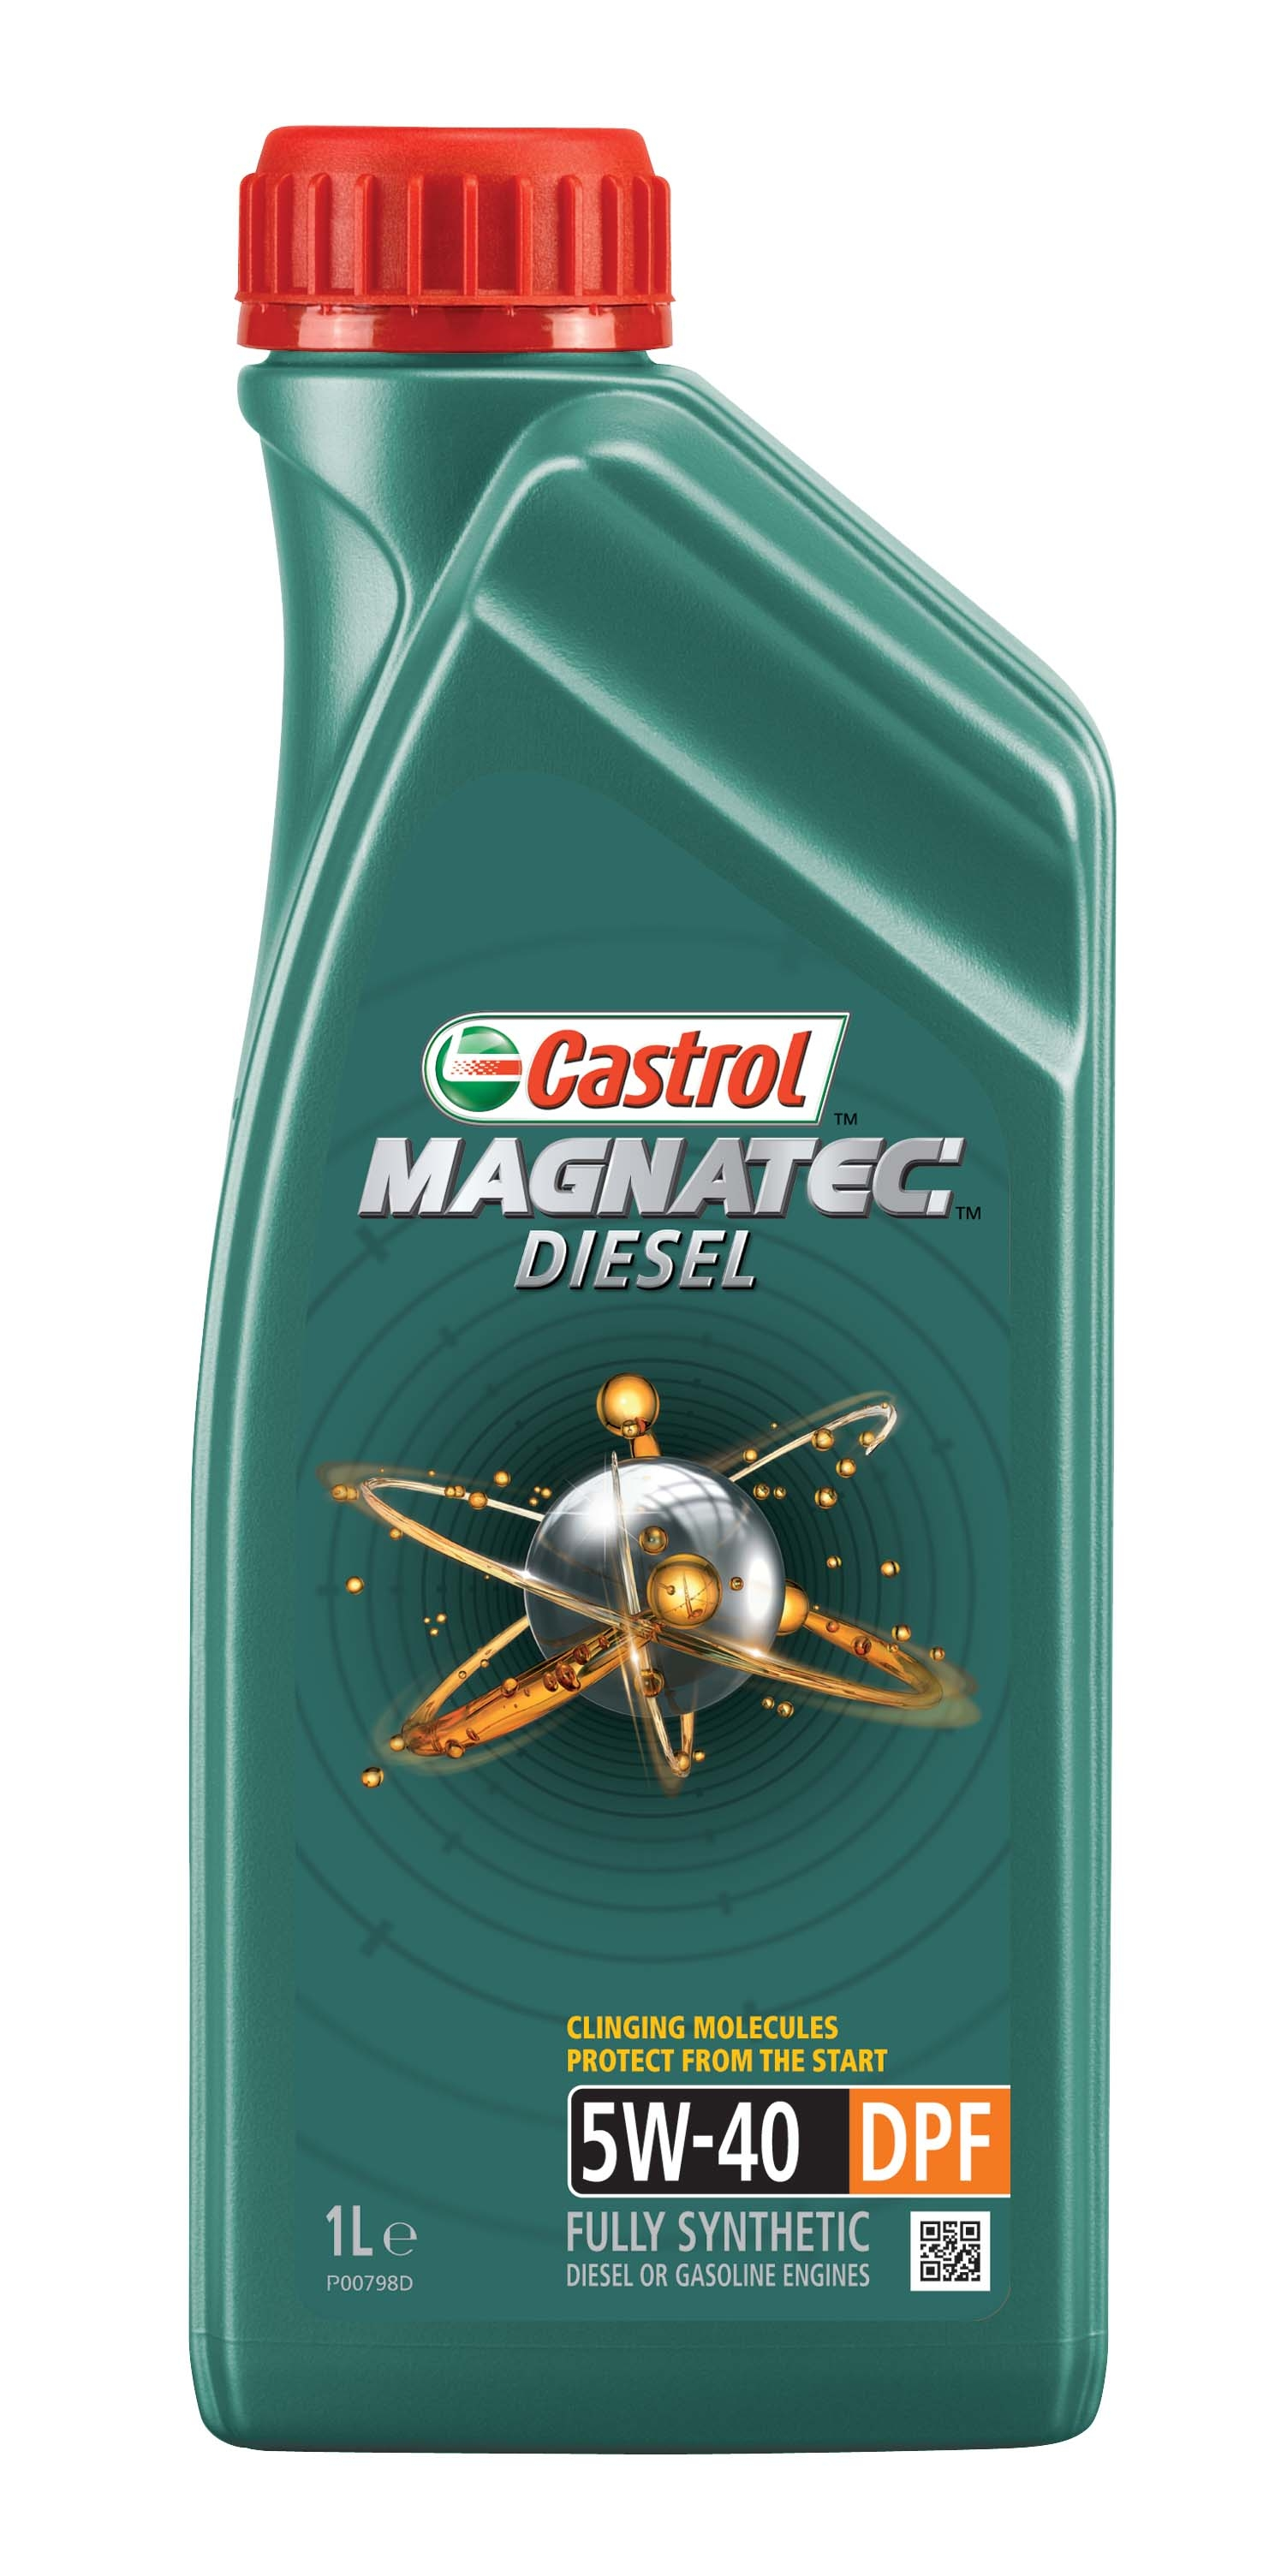 Castrol MAGNATEC Diesel 5W-40 DPF 1л